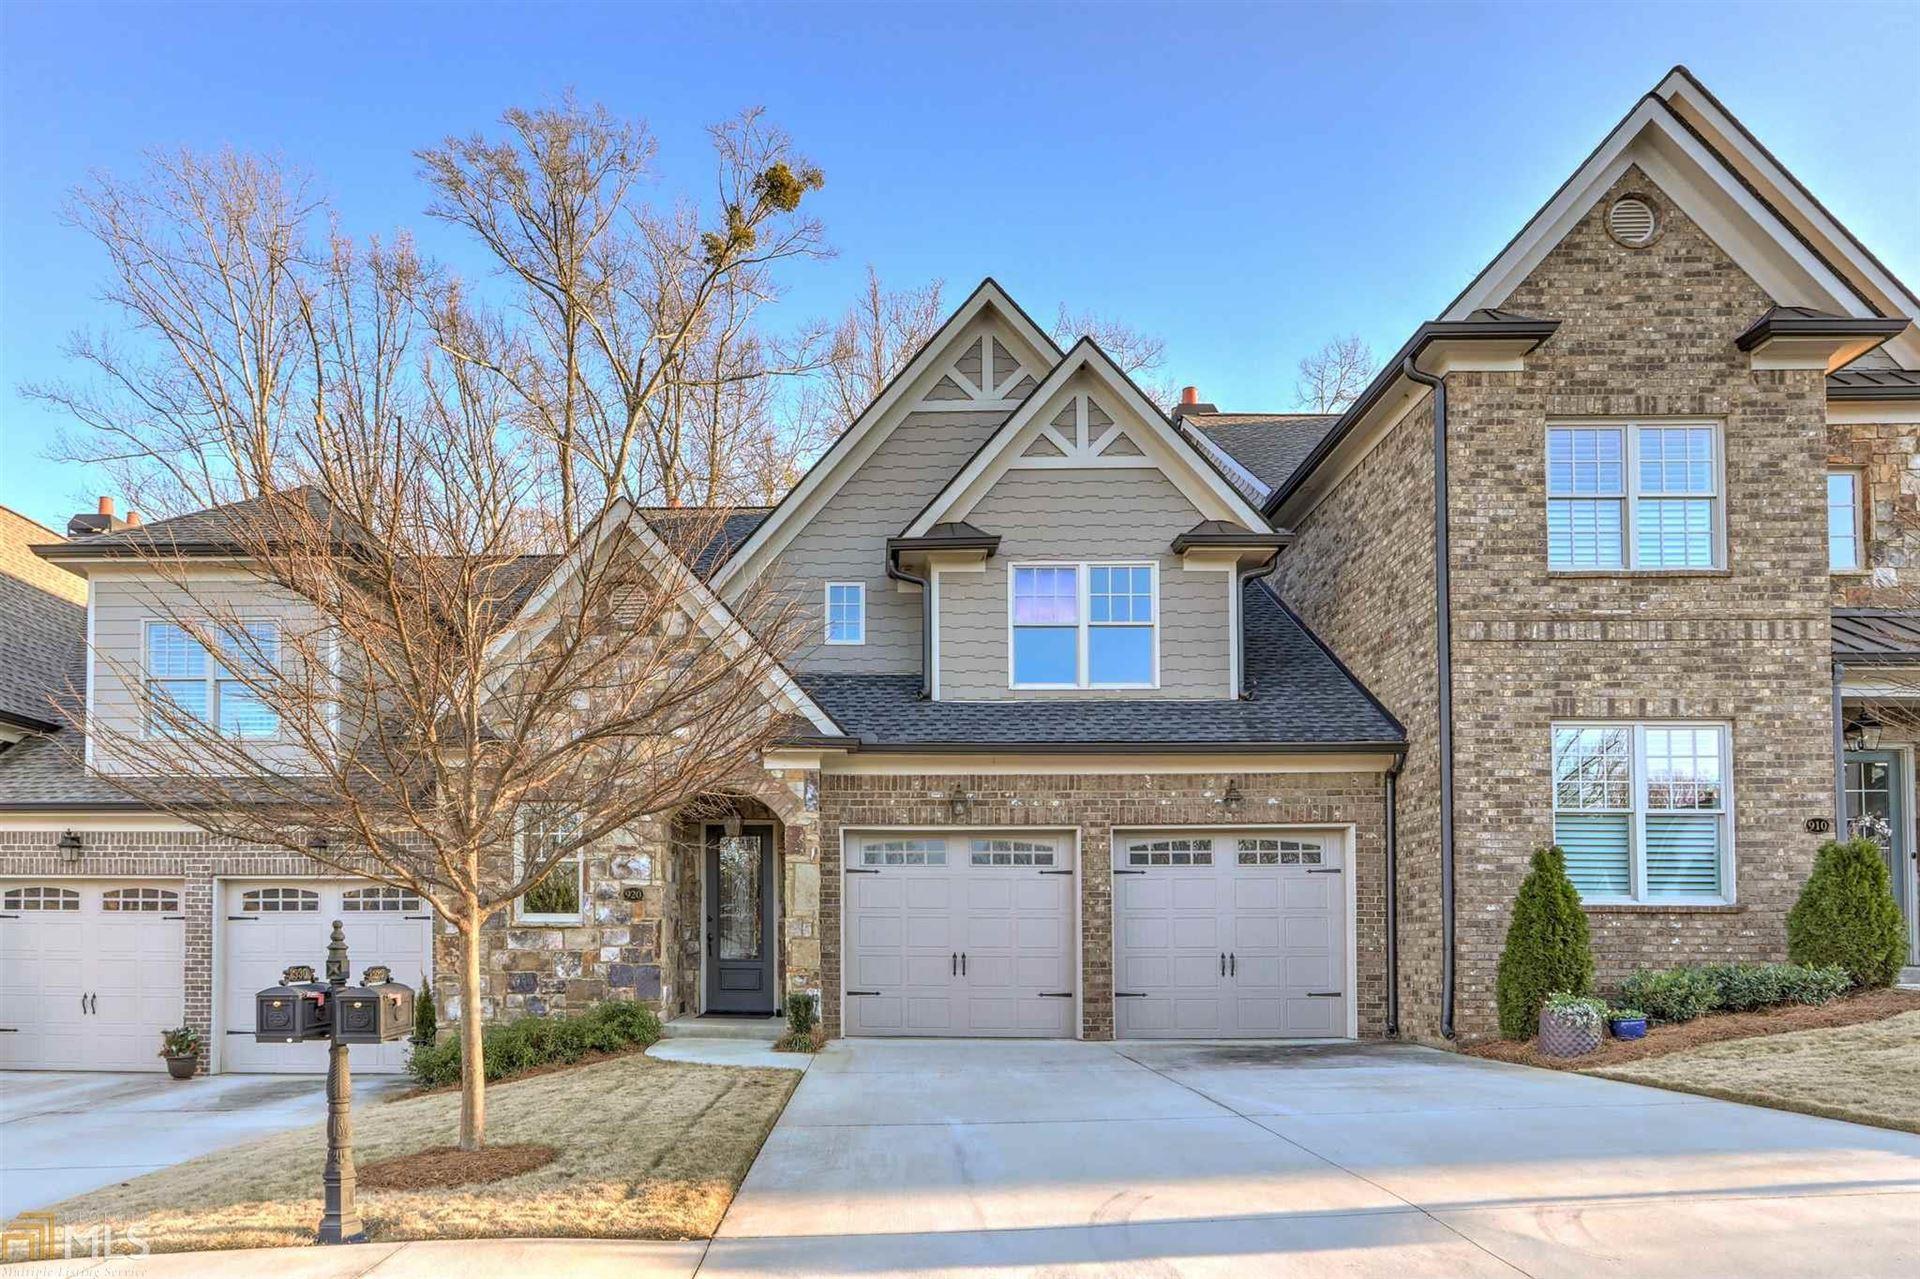 920 Candler St, Gainesville, GA 30501 - #: 8725064